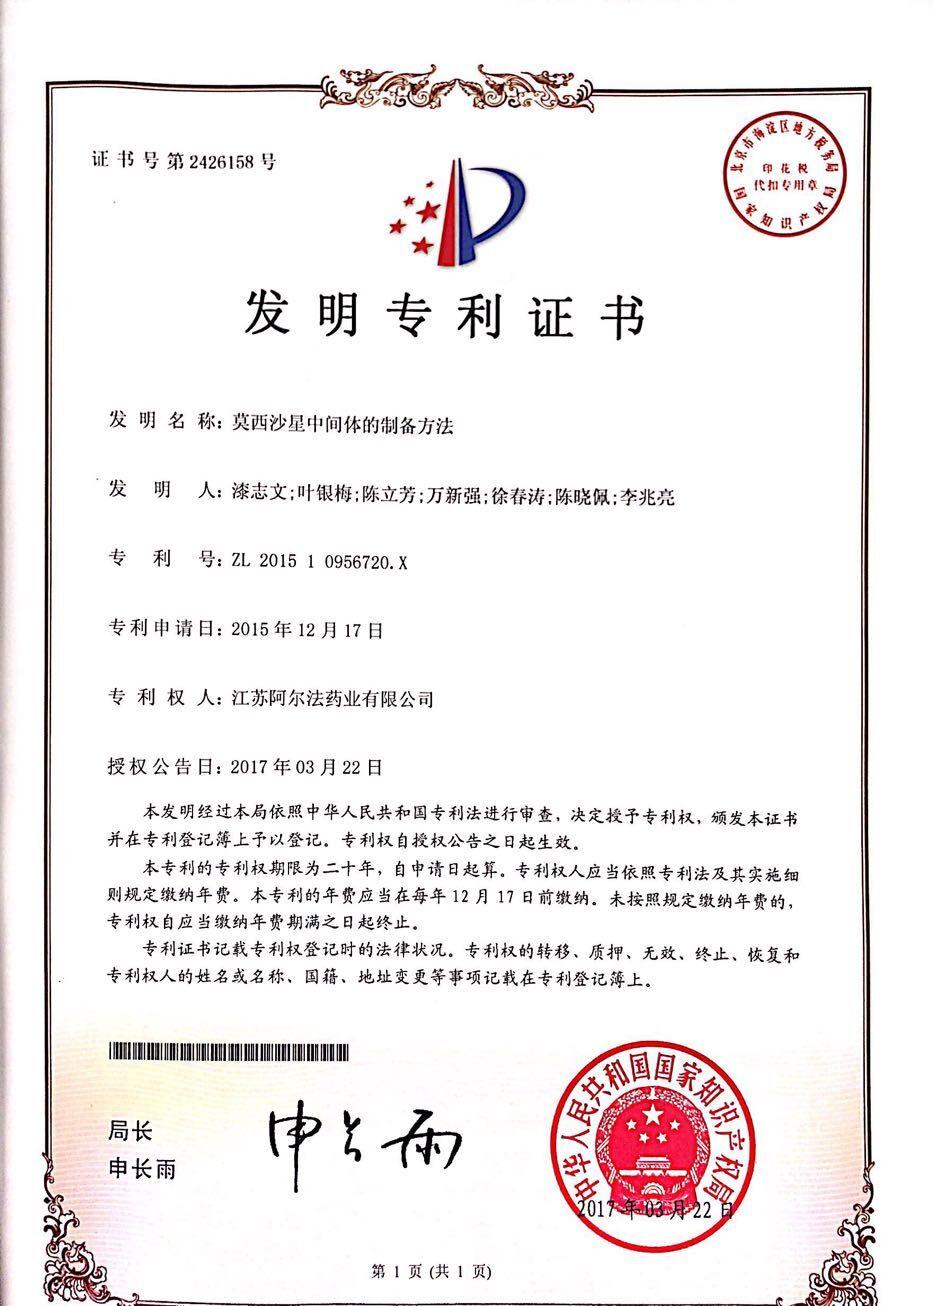 榮譽-專利-17.莫西沙星中間體的制備方法